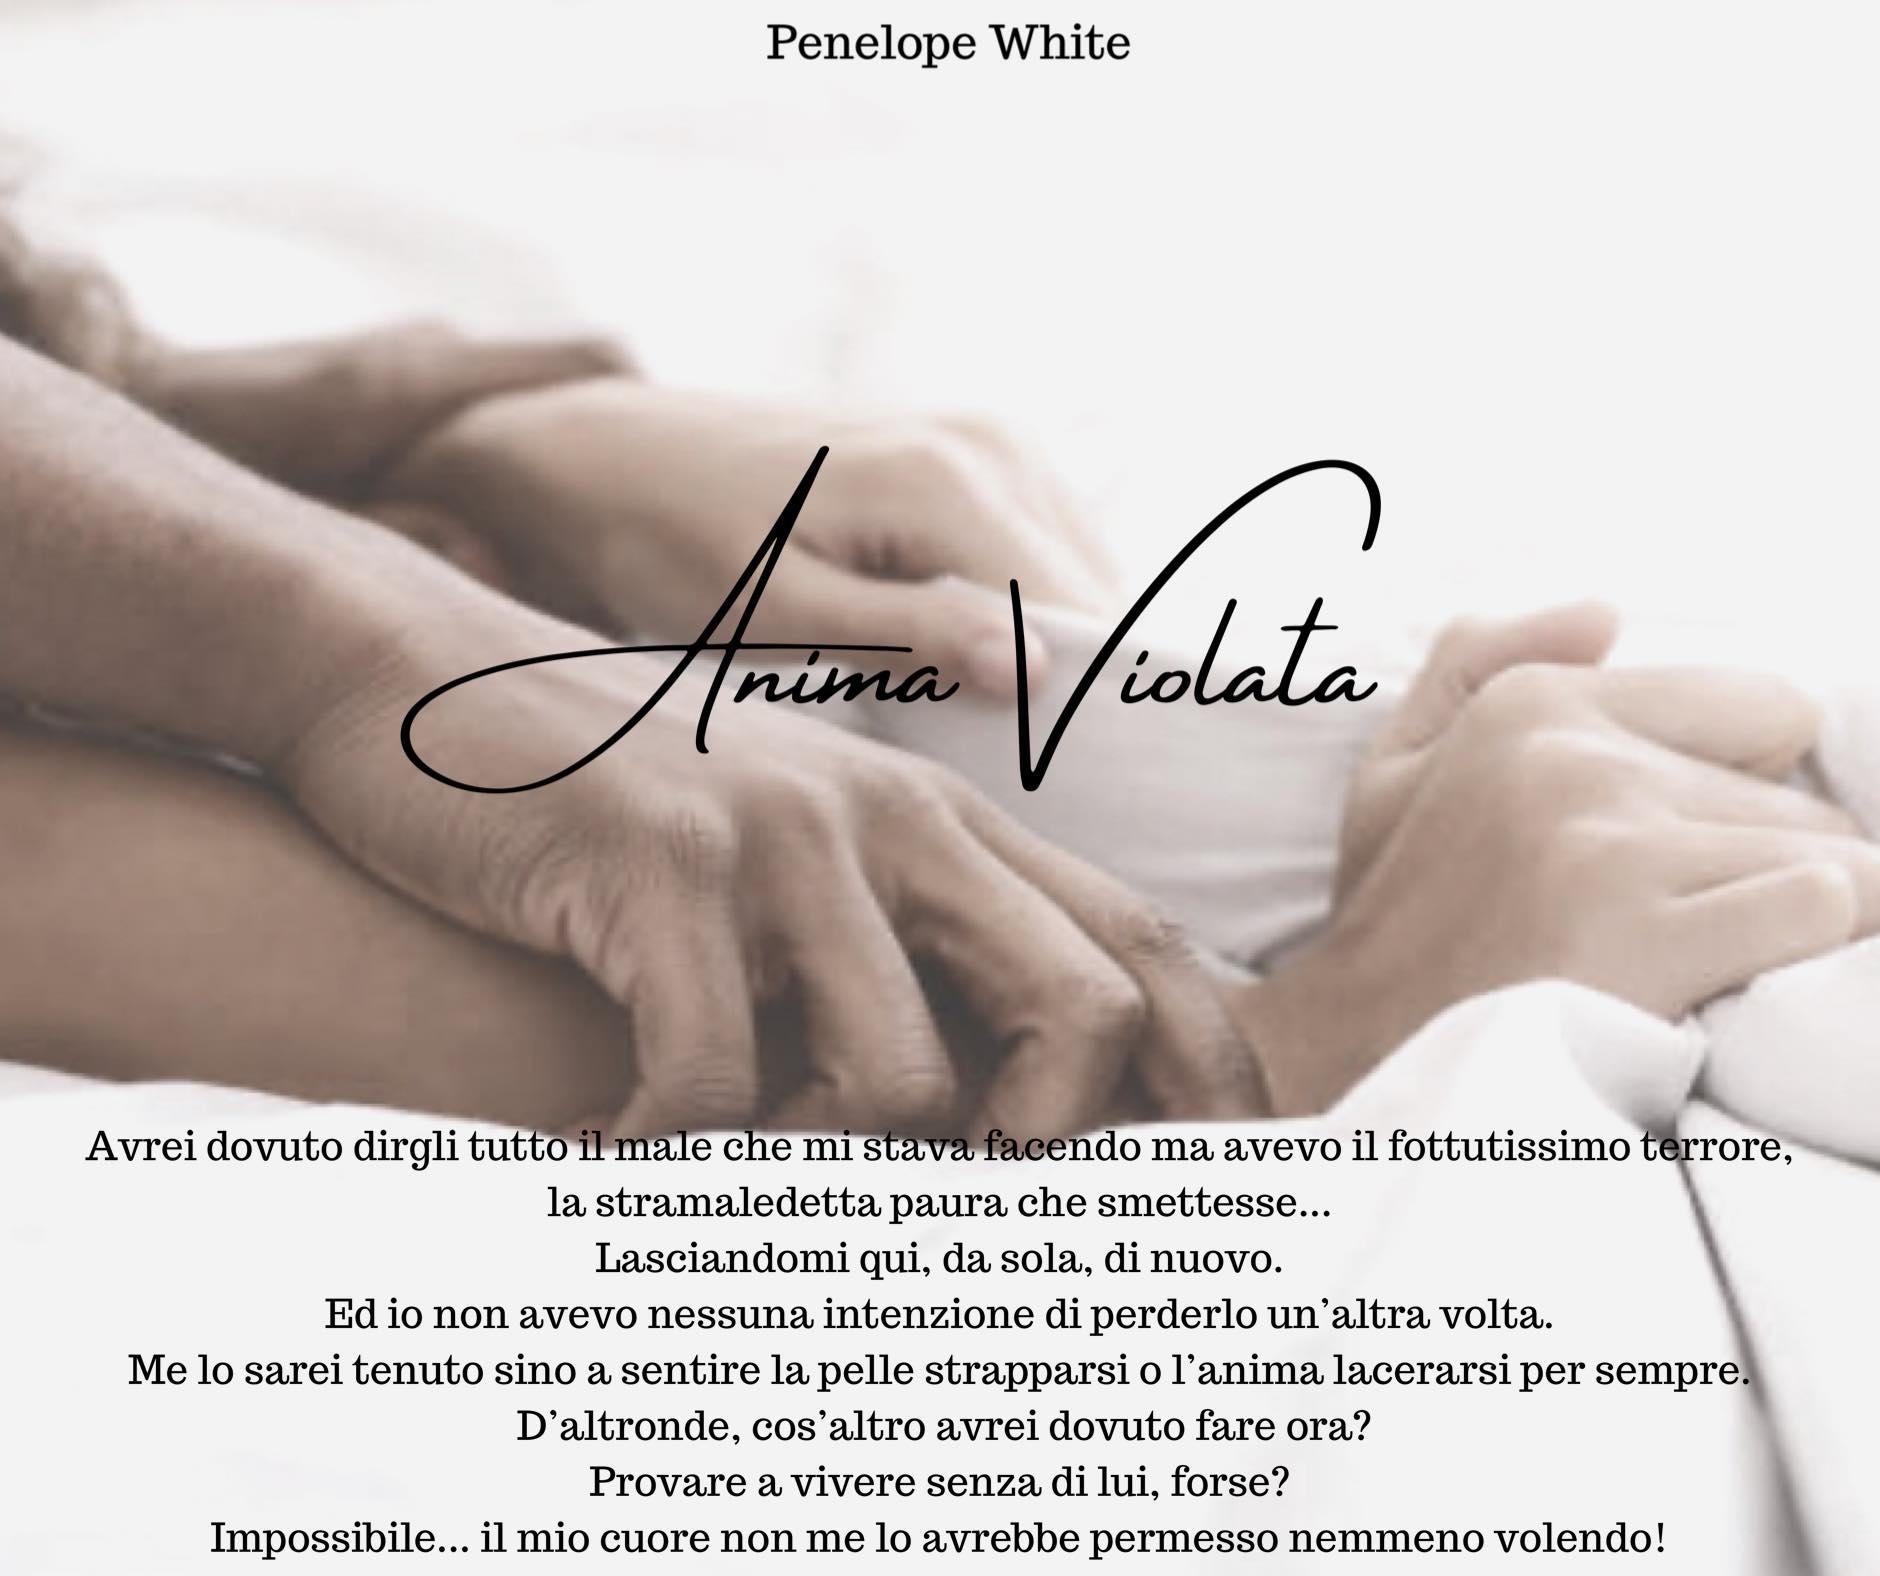 """Narcisismo patologico e manipolazione affettiva: """"Anima Violata"""" il Nuovo  Dark Romance in stesura sulla violenza psicologica, firmato Penelope White  - Penelope White Autrice"""